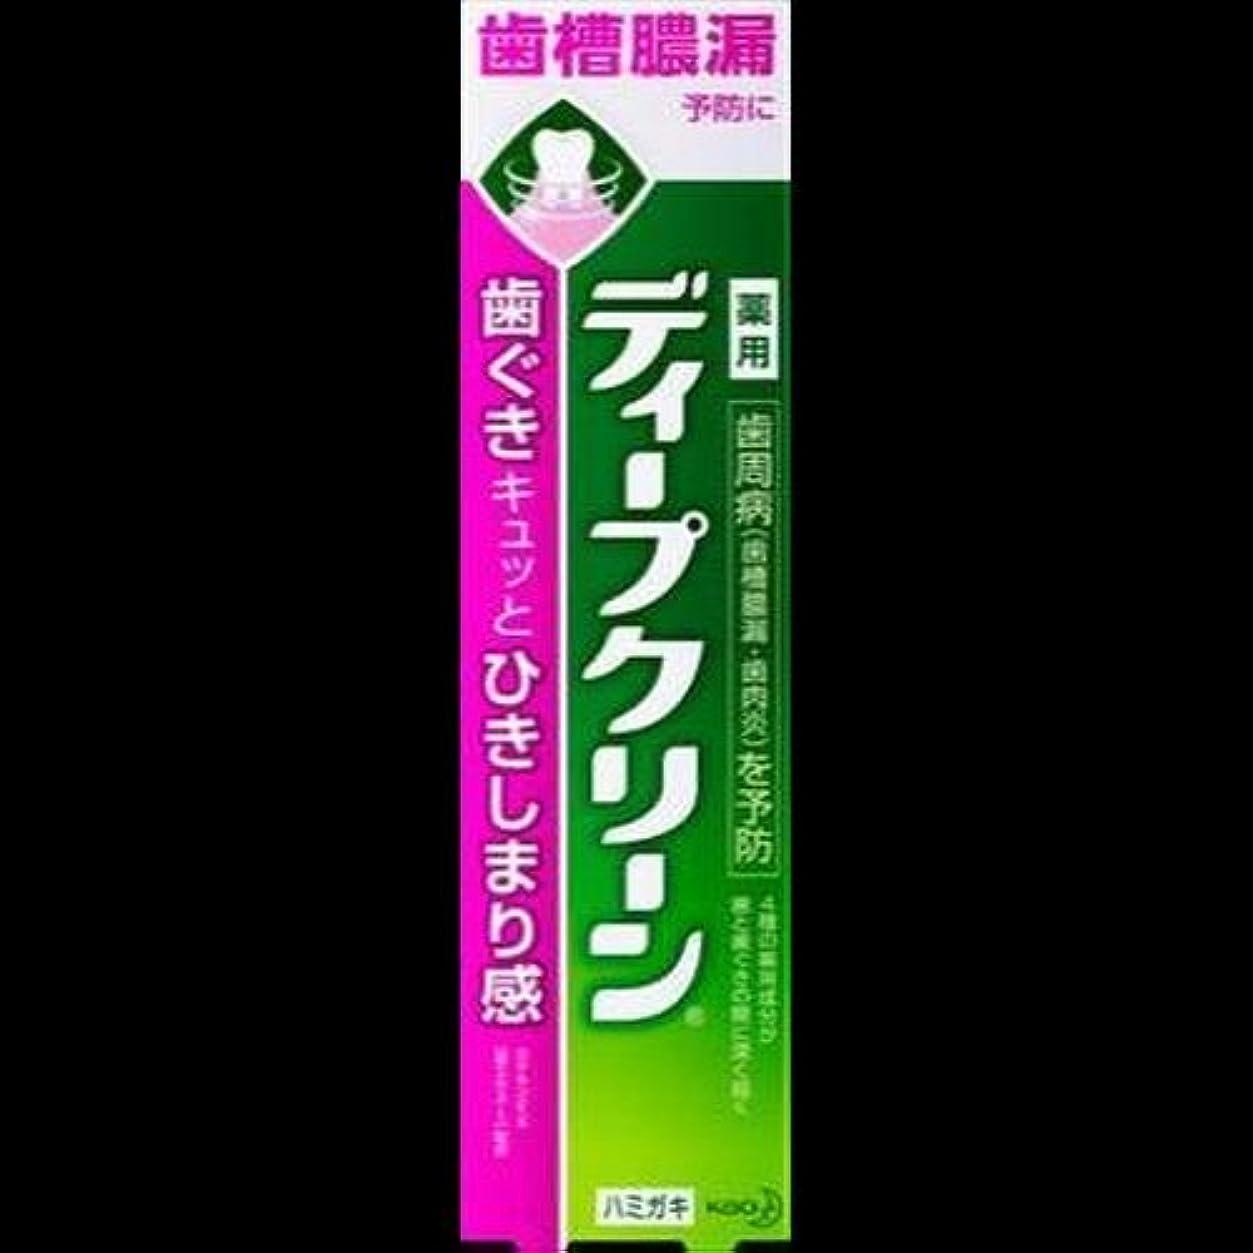 磁気宮殿匿名【まとめ買い】ディープクリーン 薬用ハミガキ 100g ×2セット